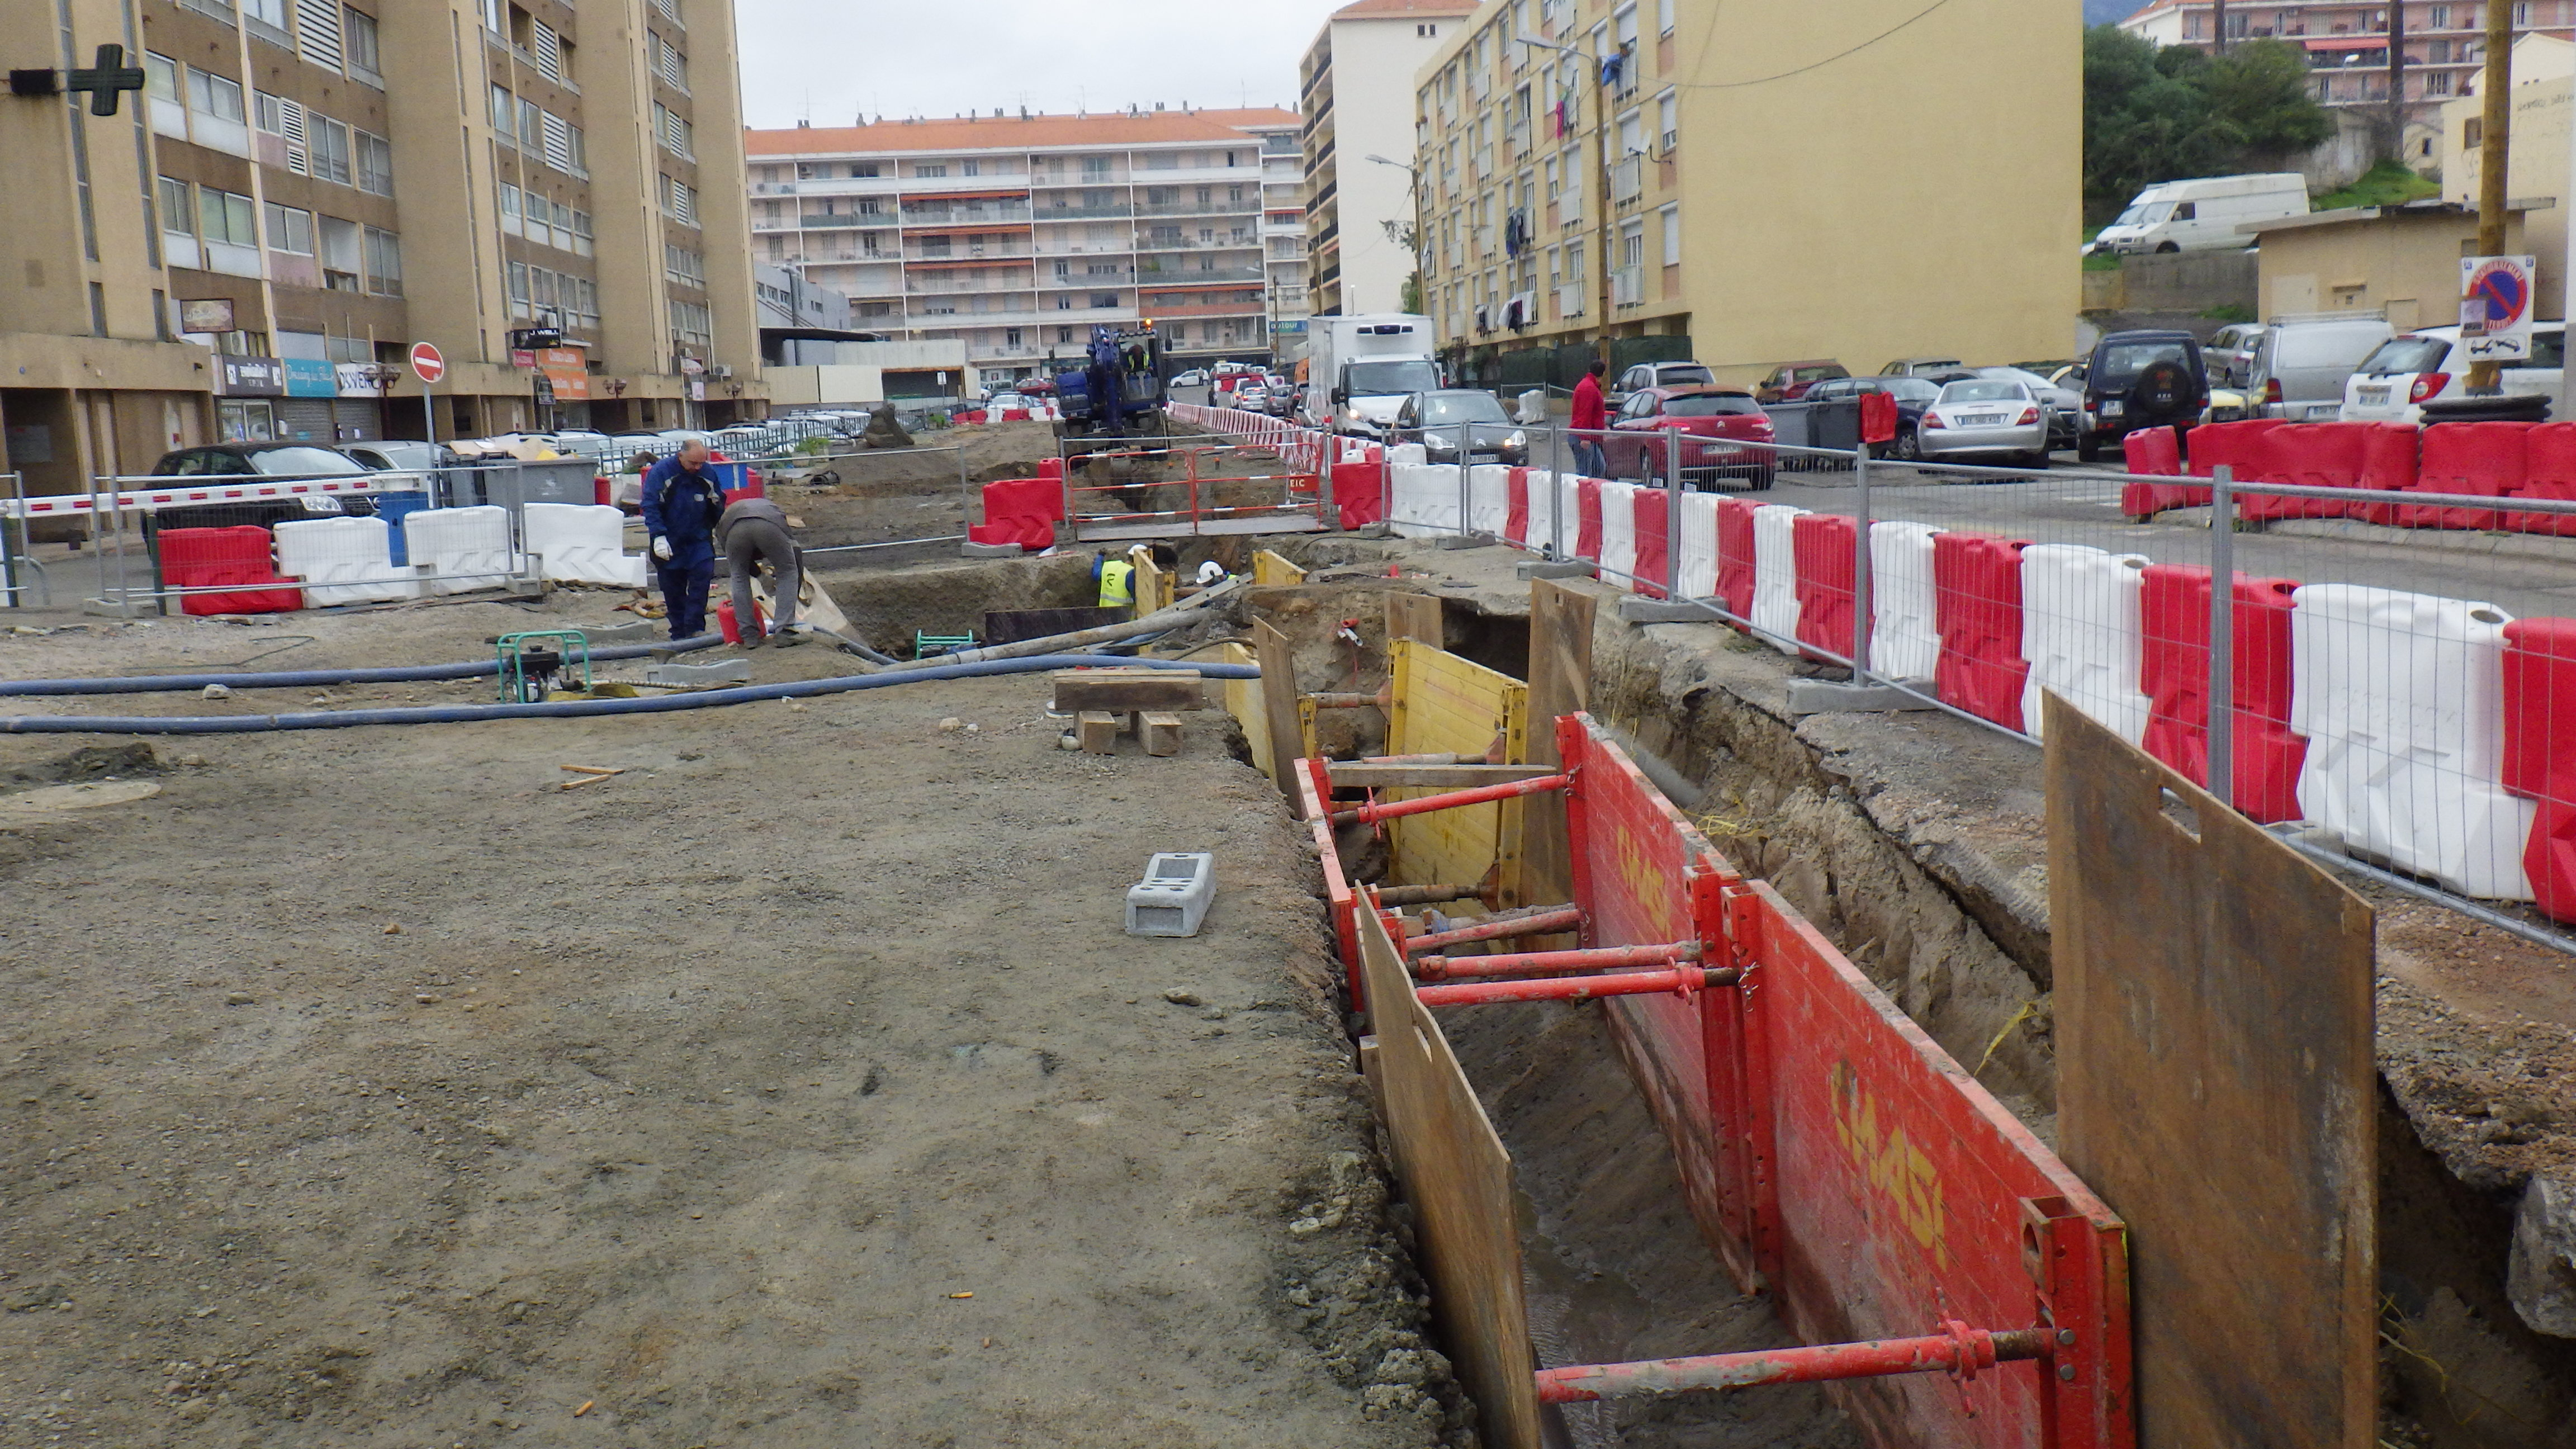 Nouveau Point de situation sur les travaux en cours aux Cannes et aux Salines